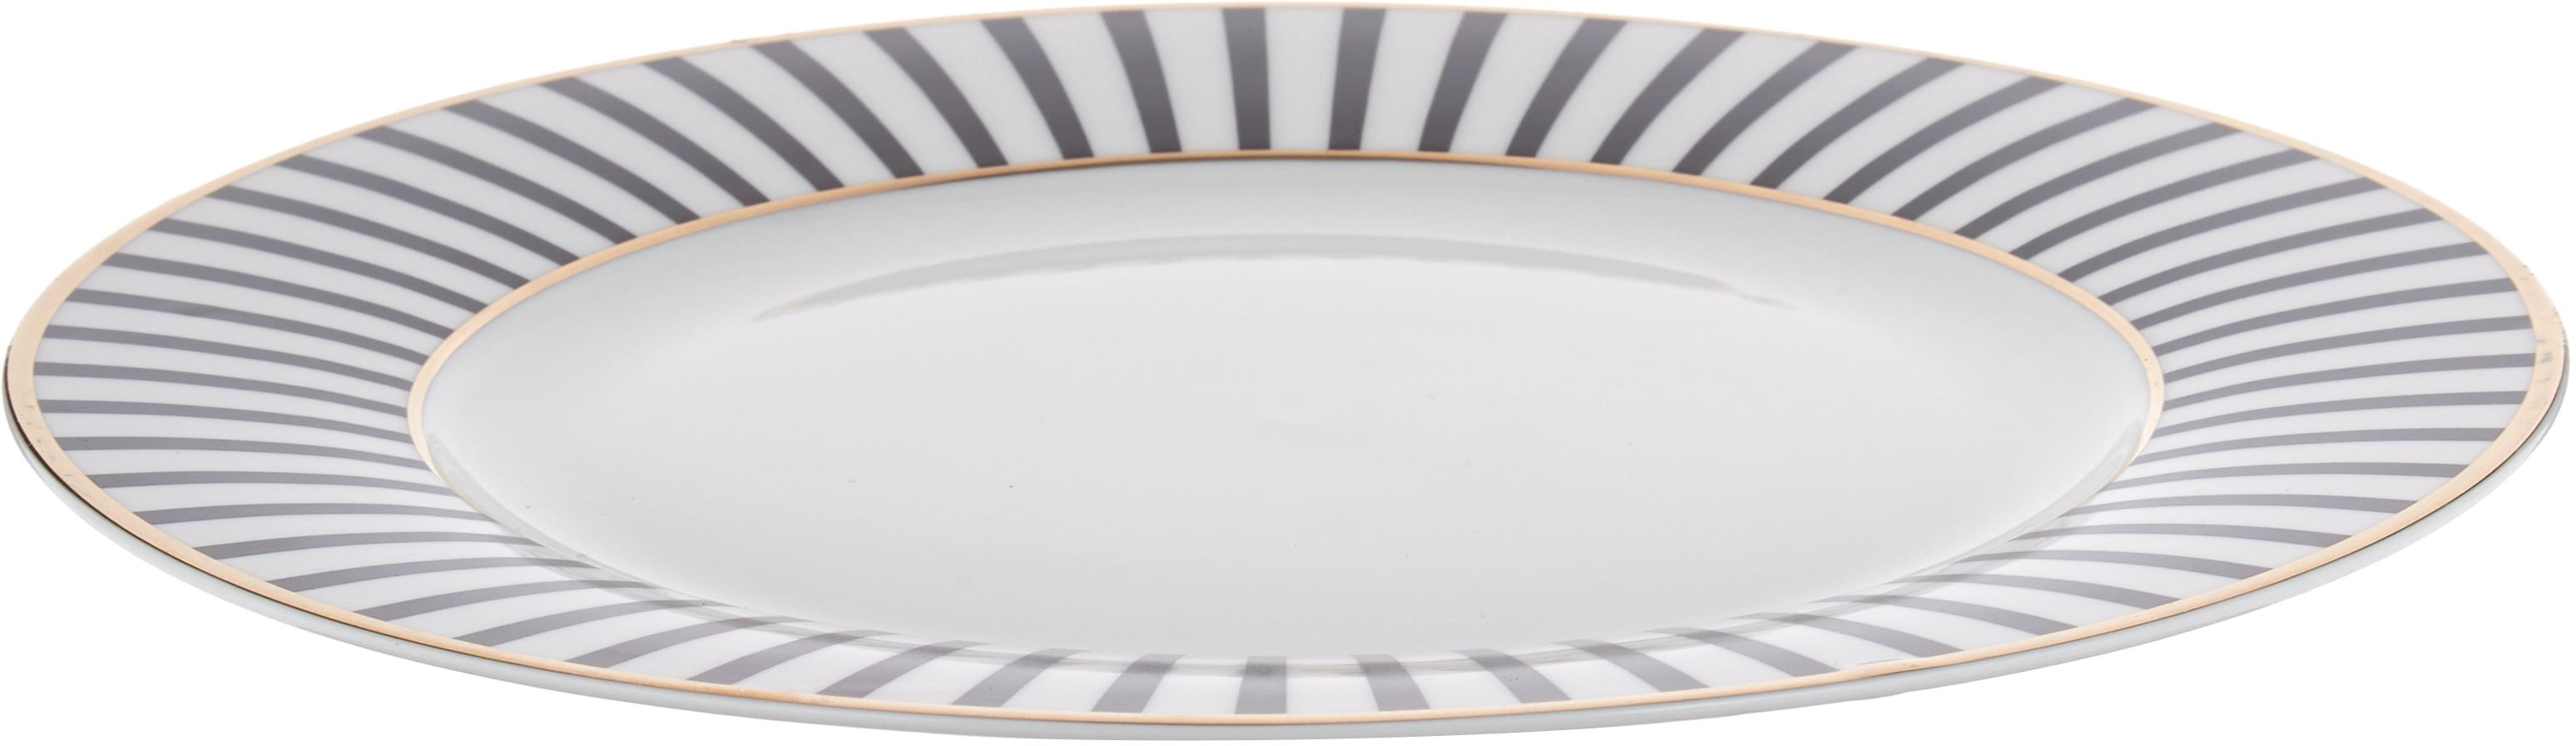 Speiseteller Pluto Loft mit Streifendekor und Goldrand, 4 Stück, Porzellan, Schwarz, Weiß, Goldfarben, Ø 26 x H 2 cm